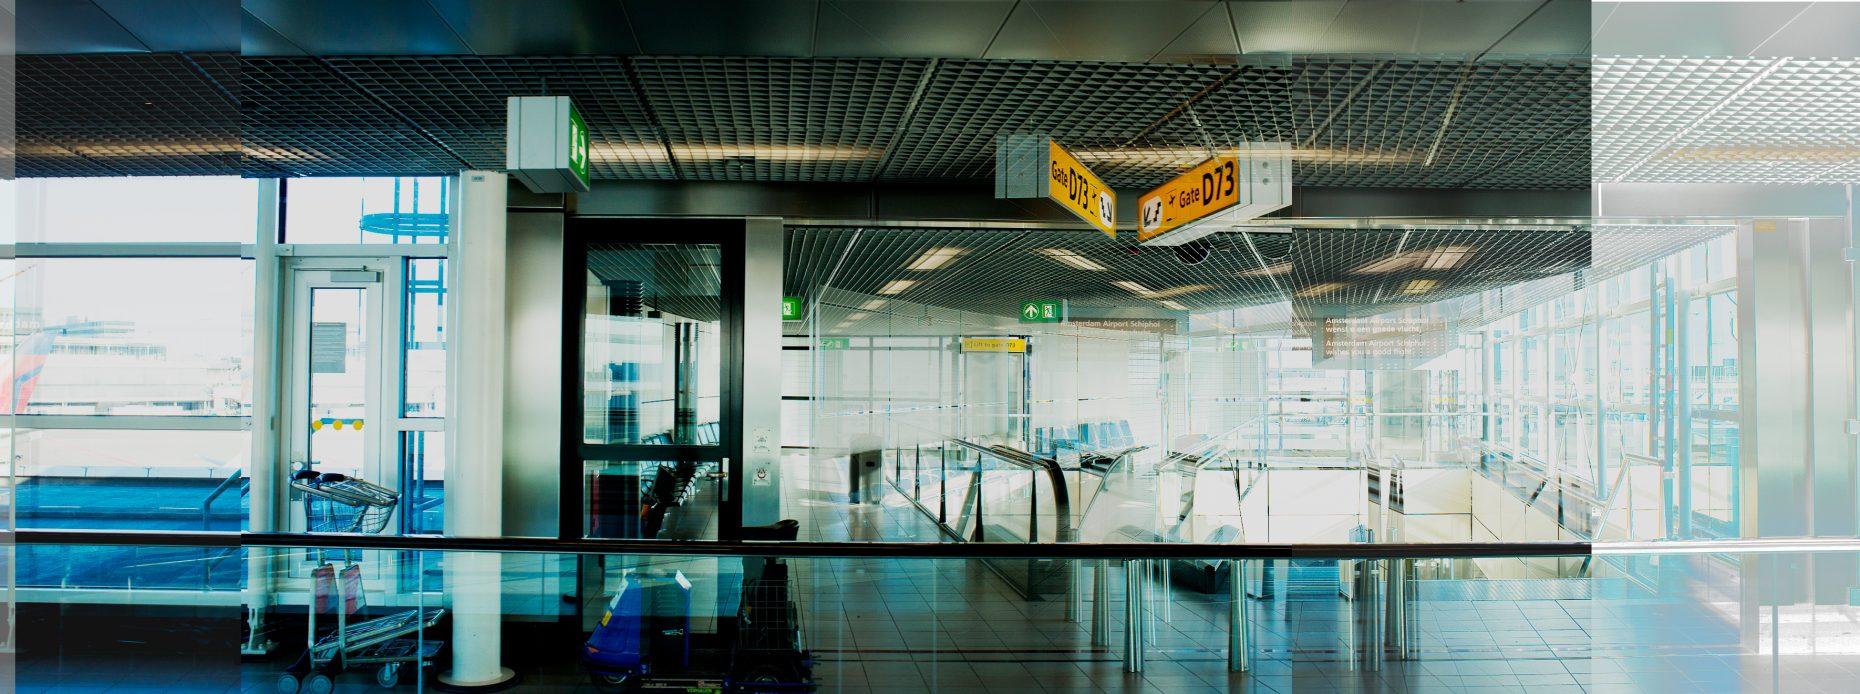 Magnolia Soto. Panoramic Airport 12-13-14-15-16-7. 2015. Fotografía. Medidas Variables.